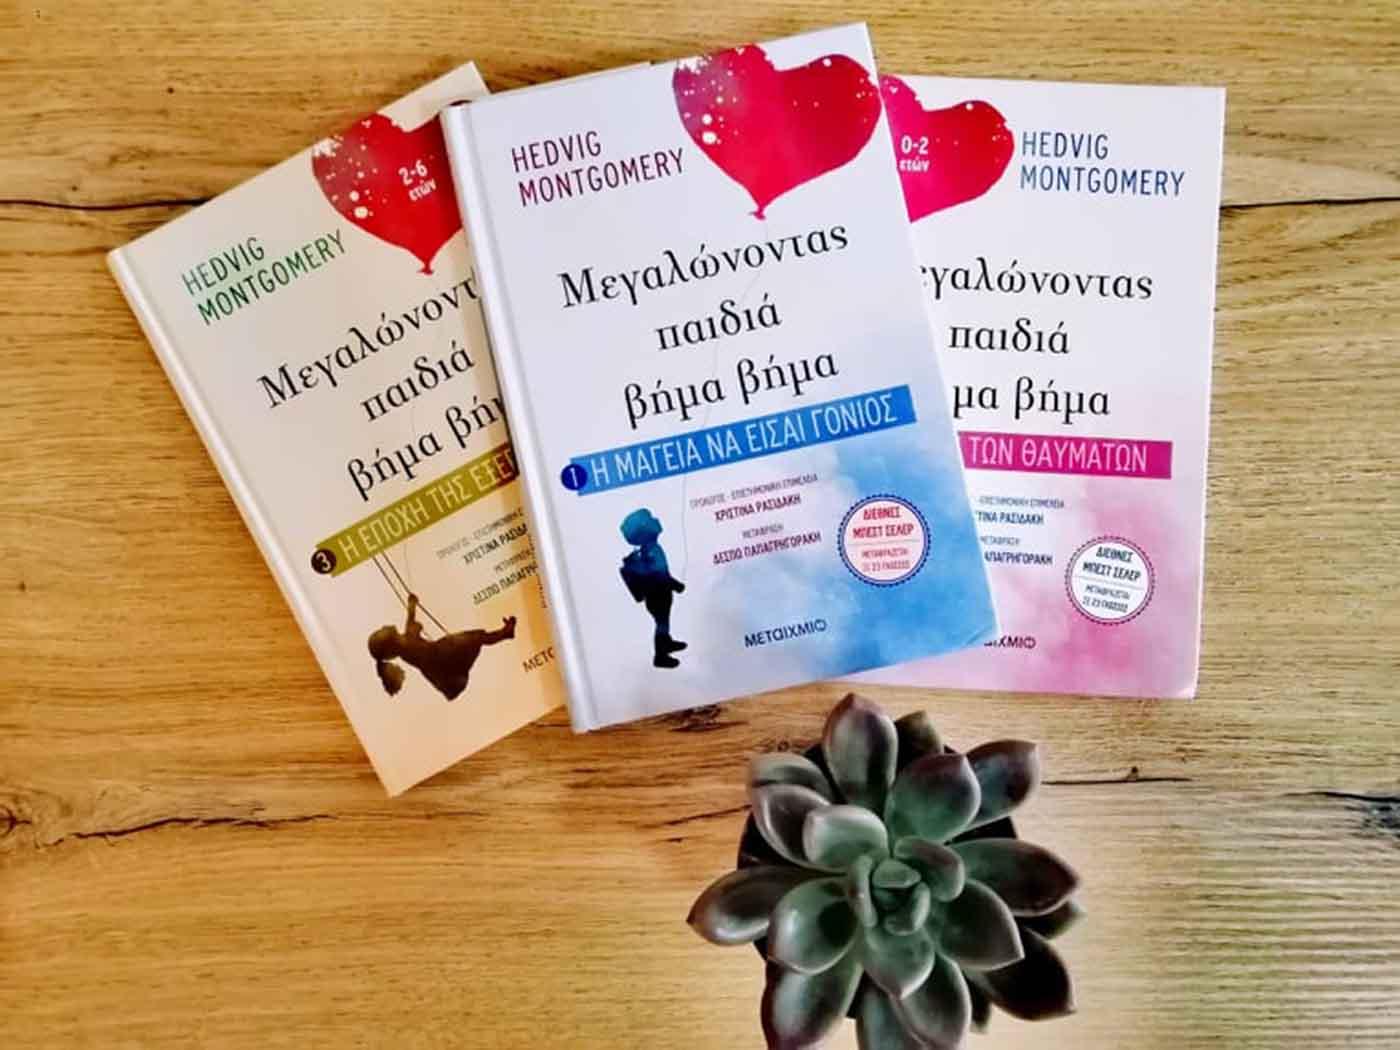 Μεγαλώνοντας παιδιά βήμα βήμα Πολύτιμα βιβλία για γονείς -Thisisus.gr